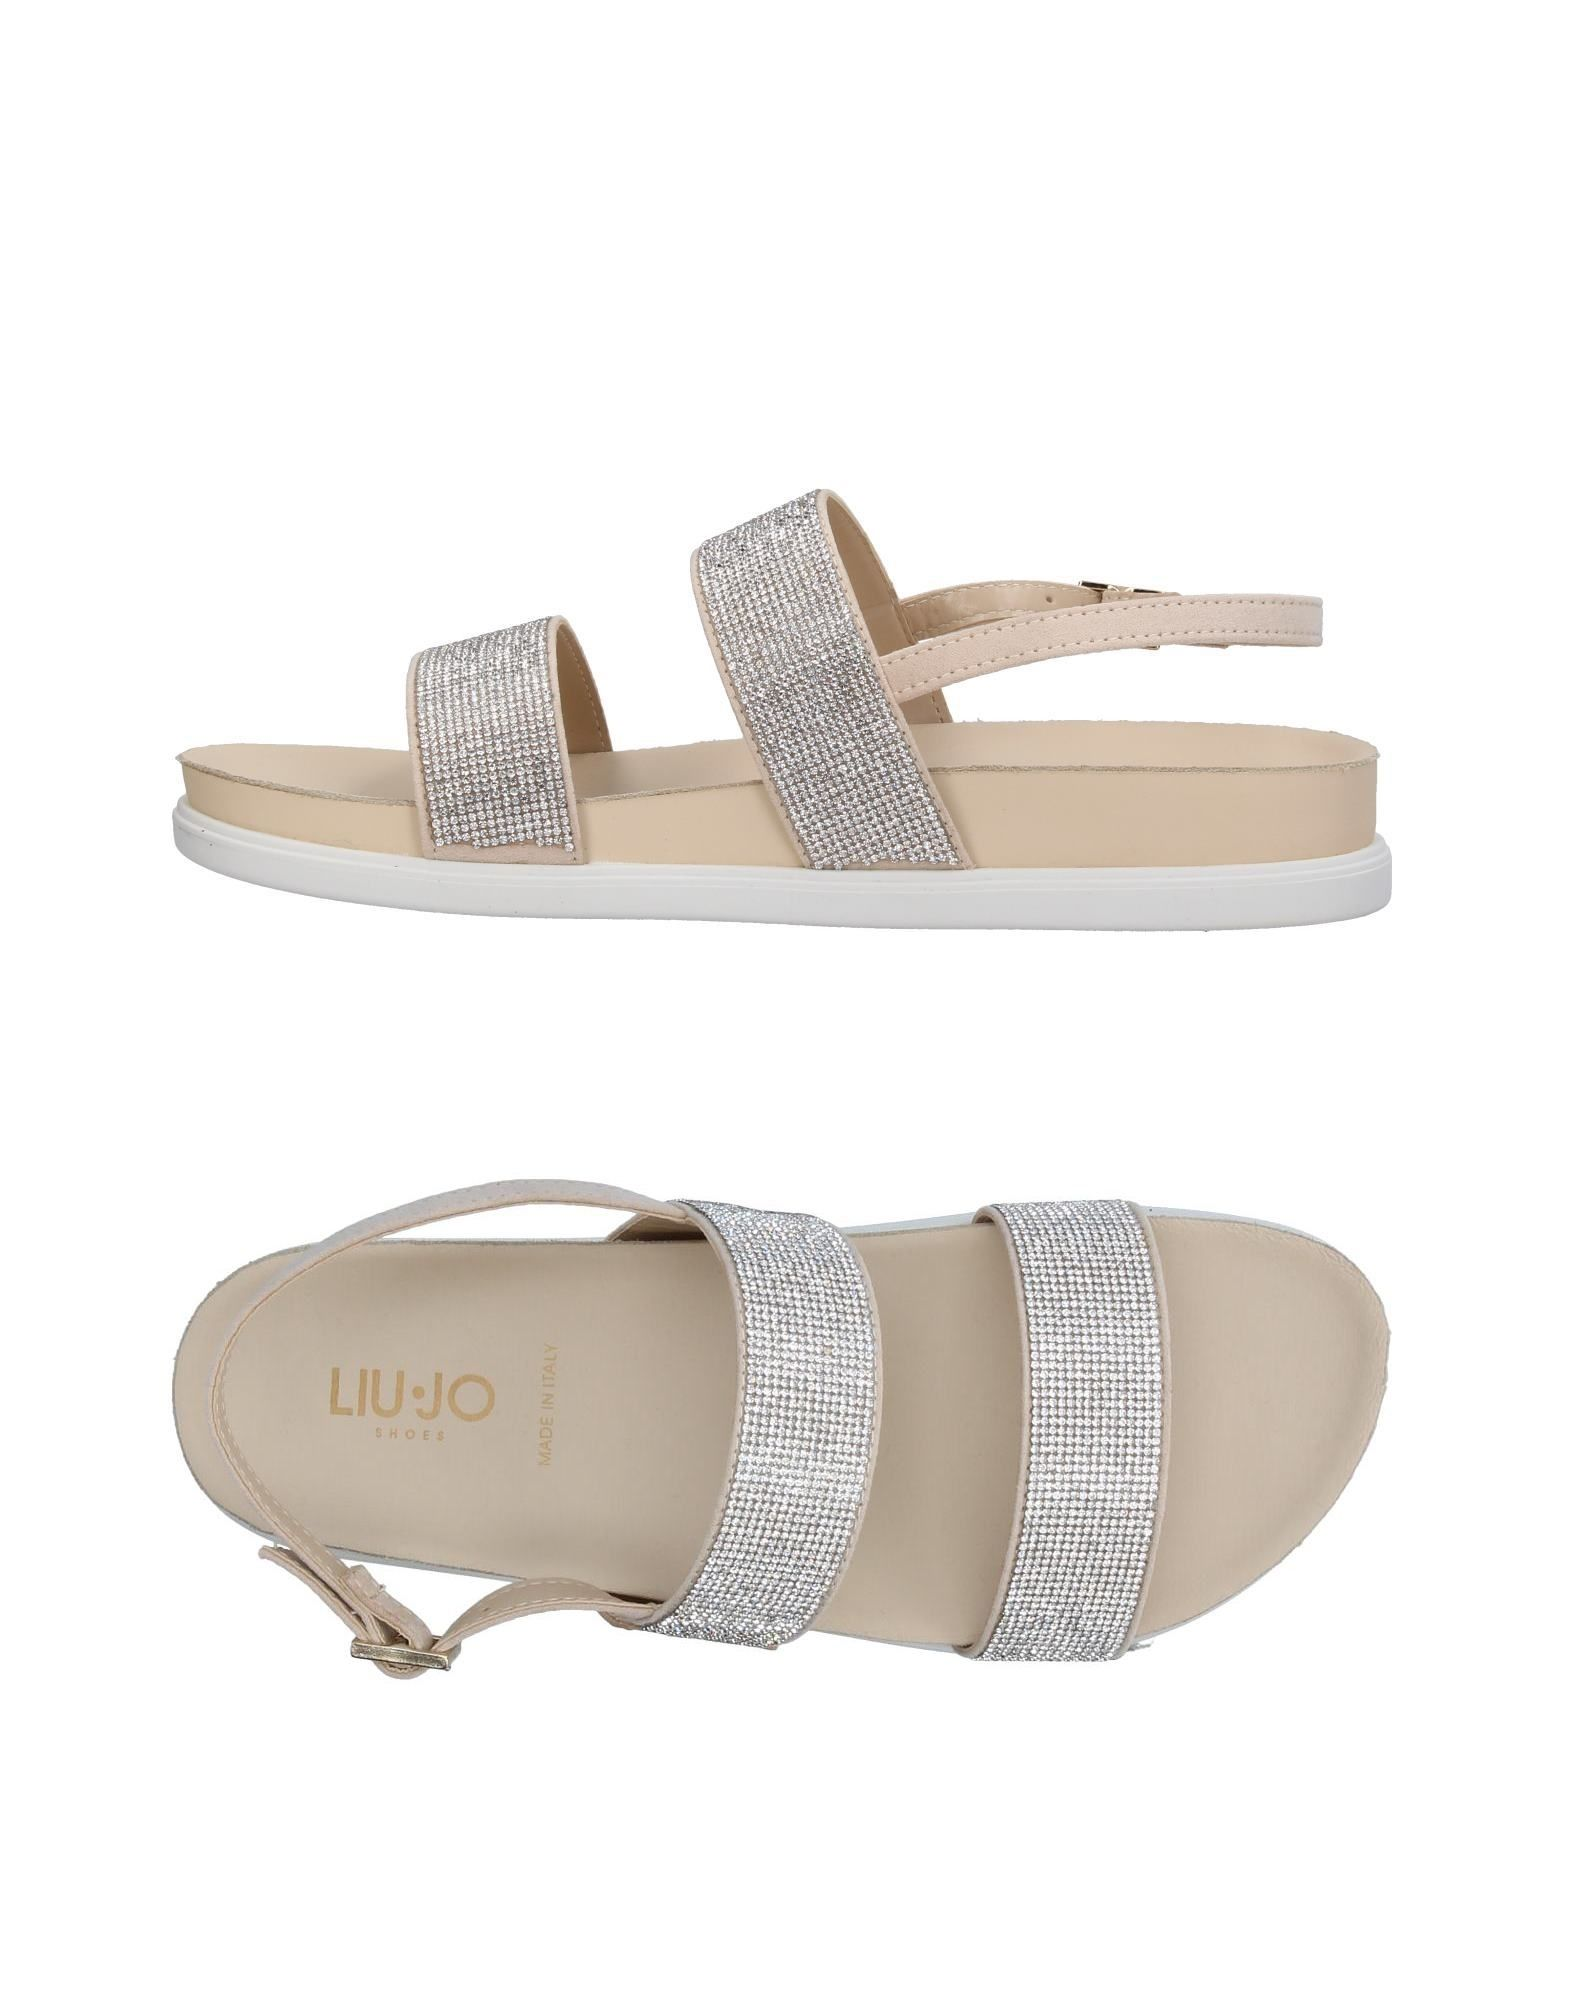 Liu •Jo Shoes Sandalen Damen  11365609GW Gute Qualität beliebte Schuhe